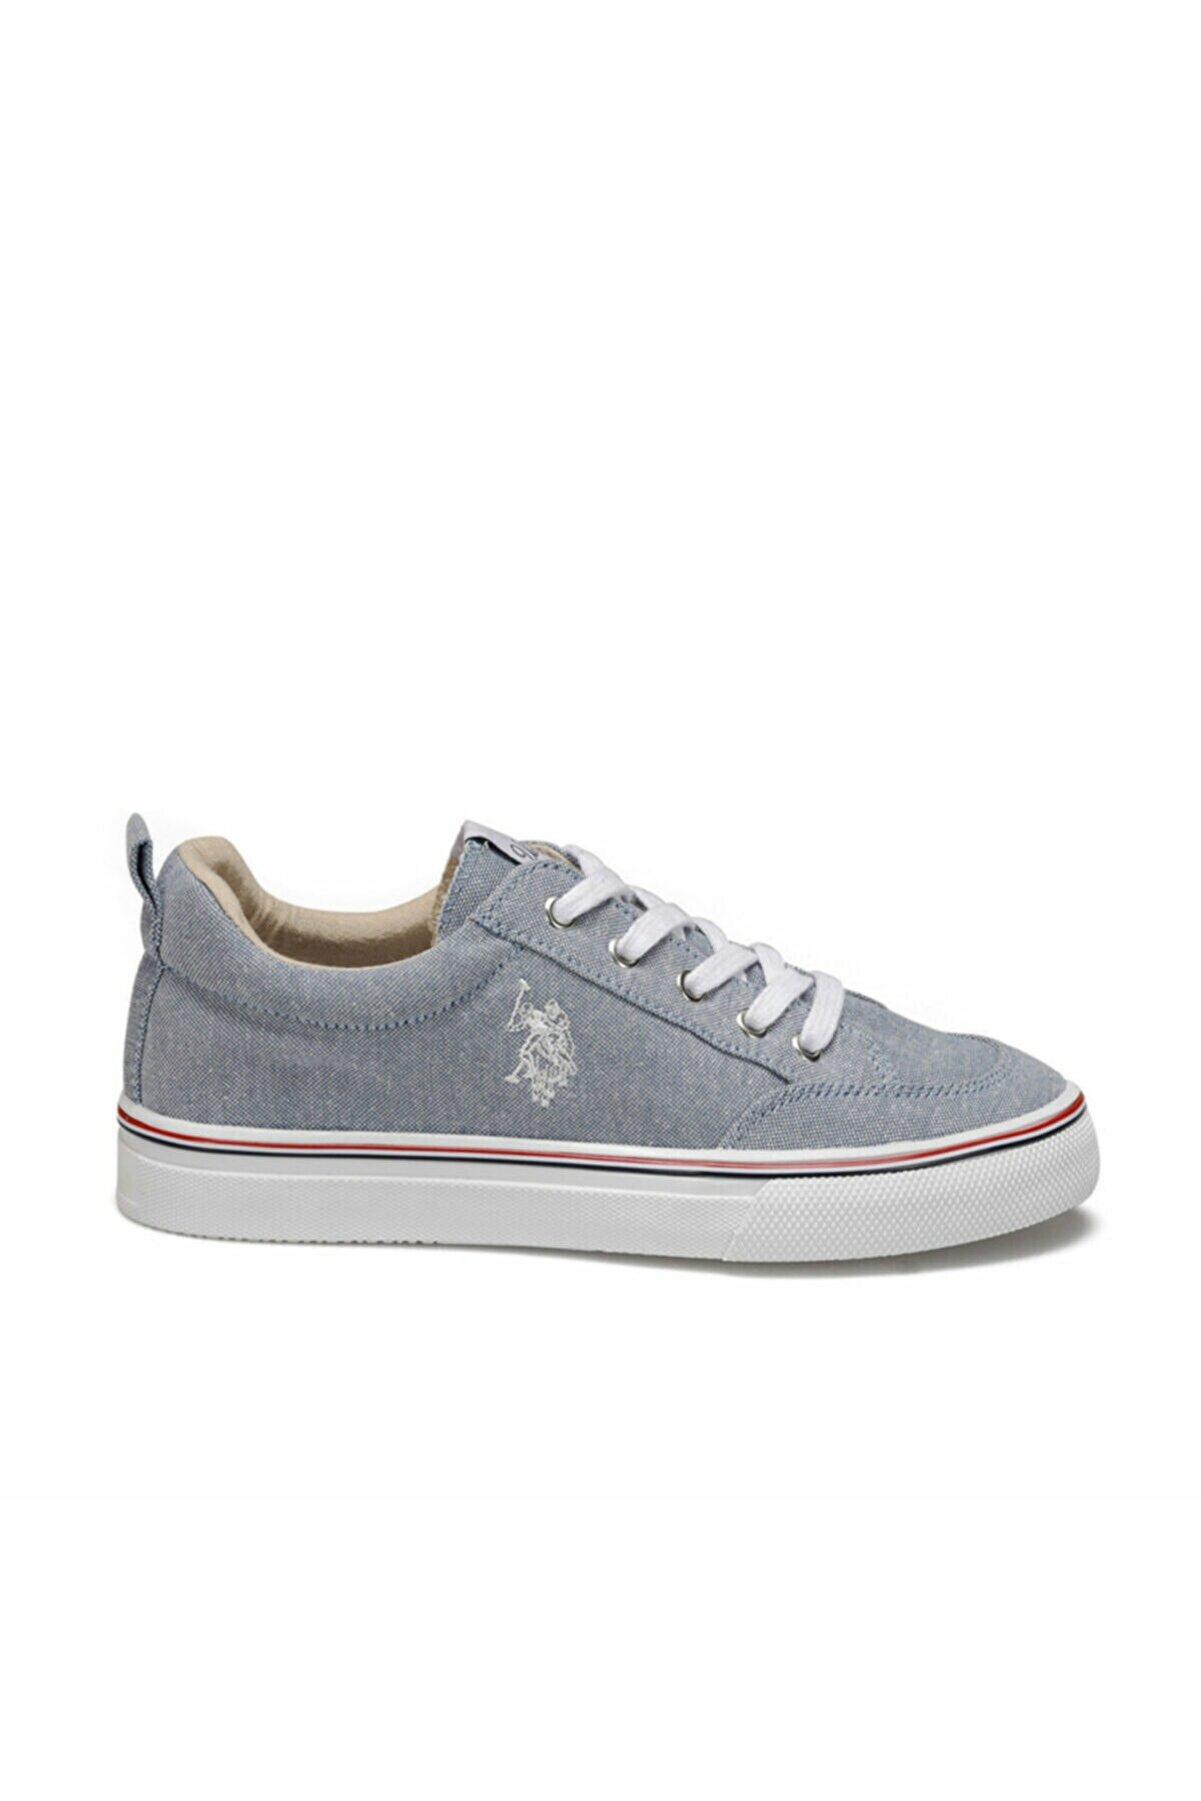 US Polo Assn CAROL Lacivert Kadın Sneaker Ayakkabı 100367582